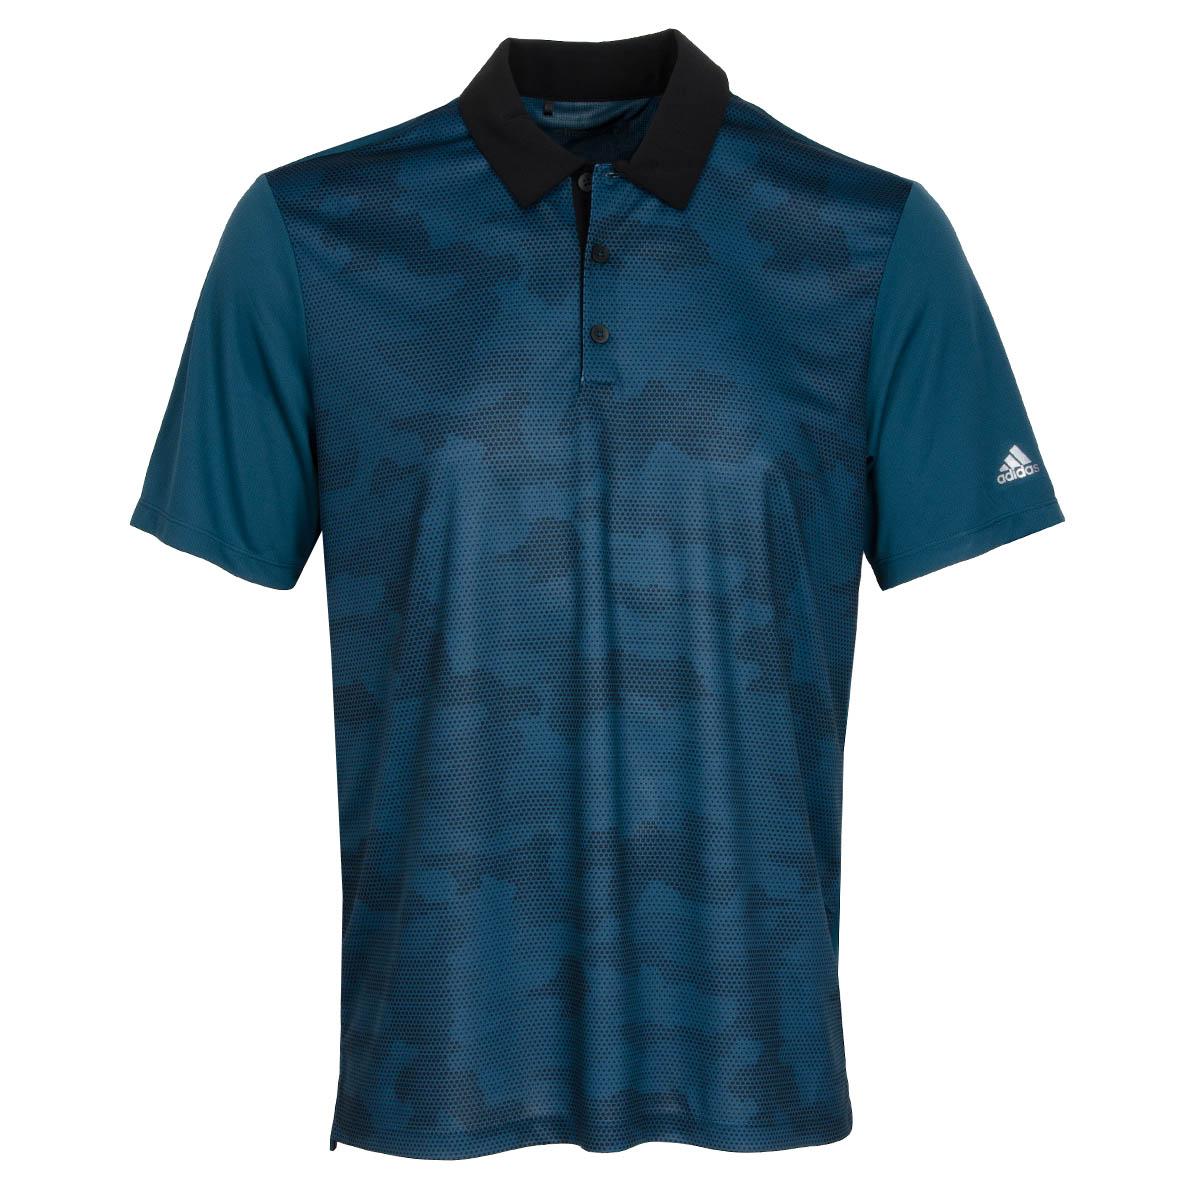 Adidas Climachill Dot Camo Polo Shirt Utility Green